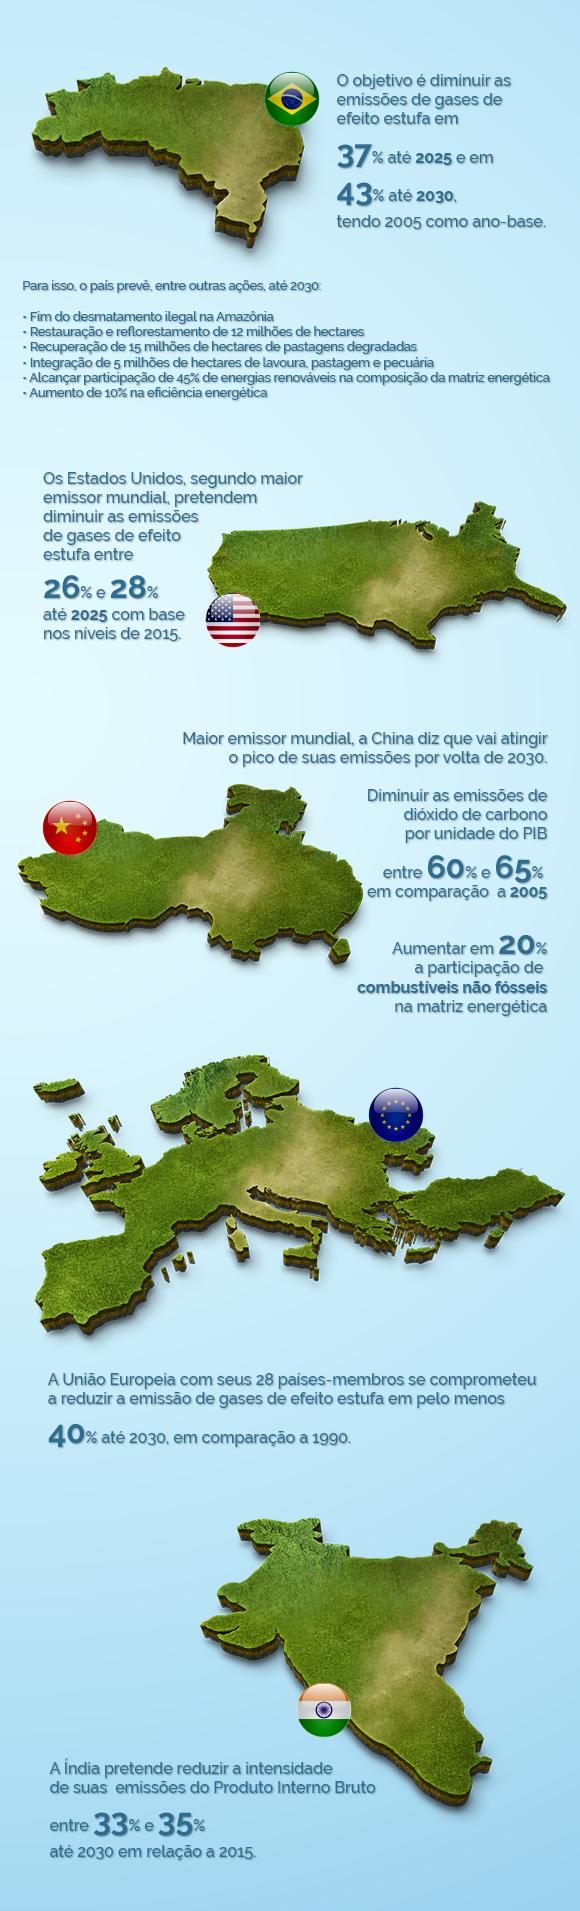 COP21 Paris 2015 - Veja as metas de redução de gases de efeito estufa estabelecidas por Brasil, pelos Estados Unidos, pela China, União Europeia e Índia